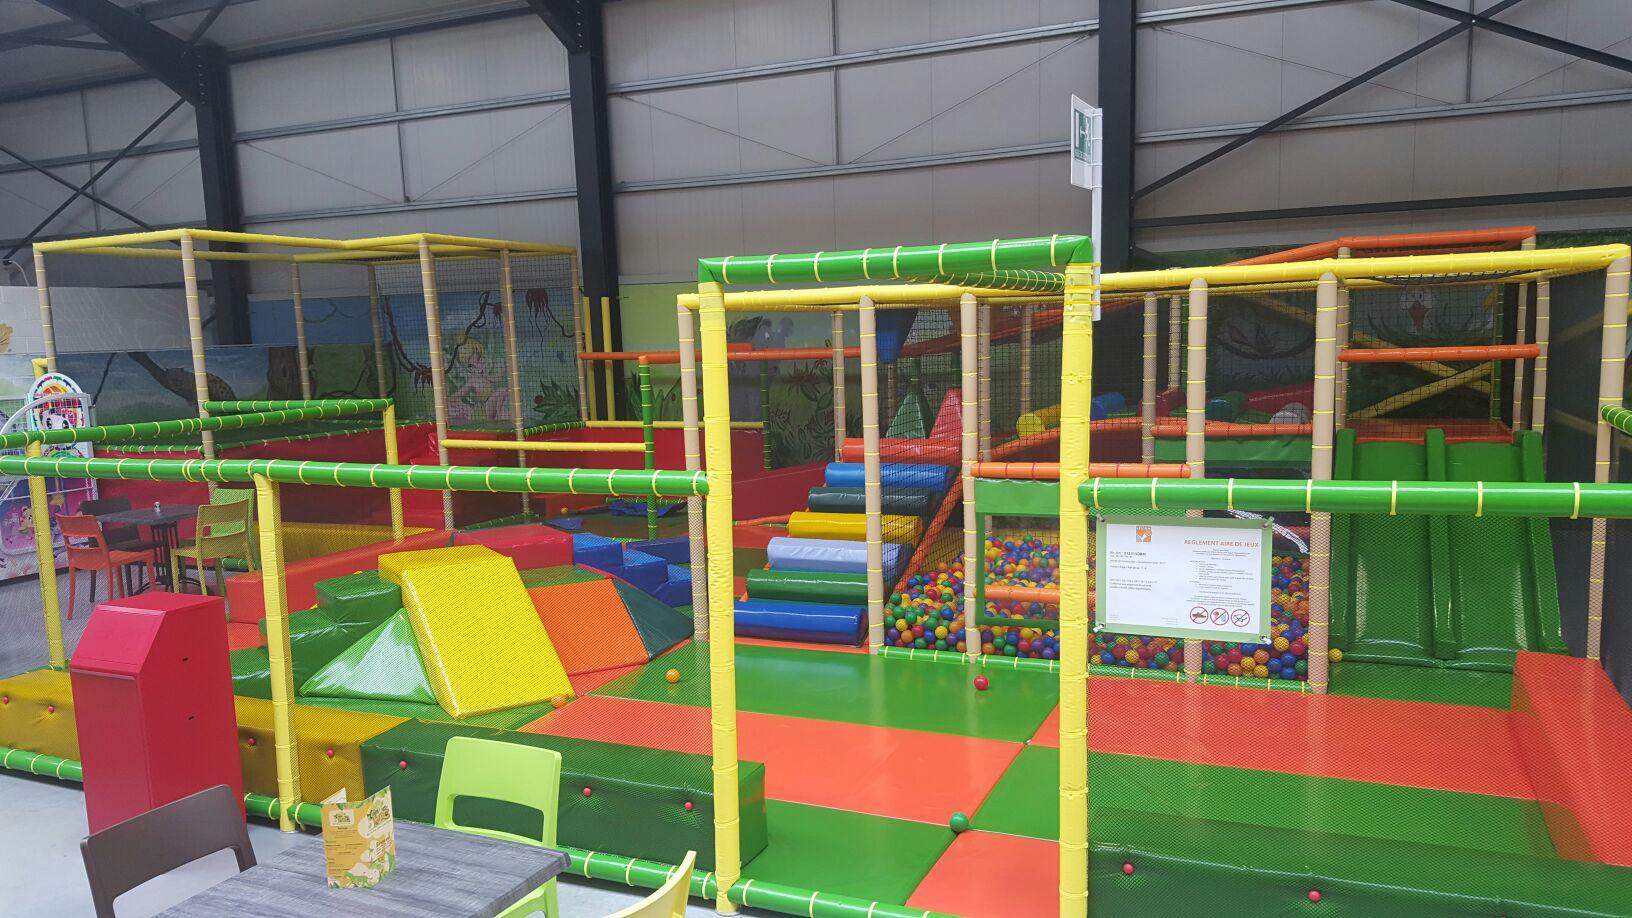 Parc De Jeux Enfants Intérieur - Fourmies - Eden Kid's dedans Jeux Pour Petit Enfant